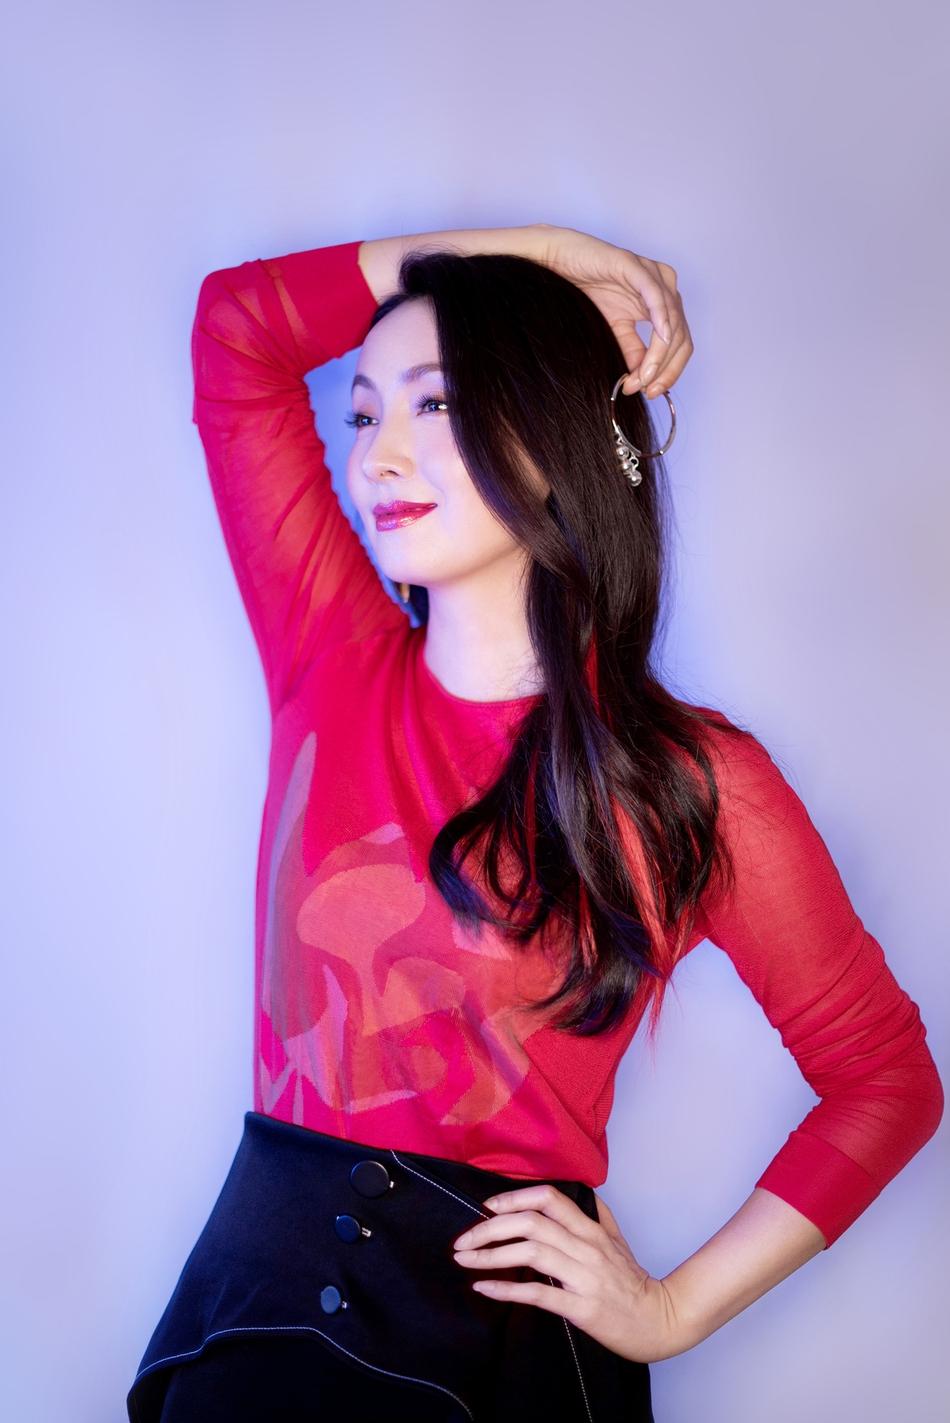 陶虹红黑造型显干练 笑容温暖气质佳